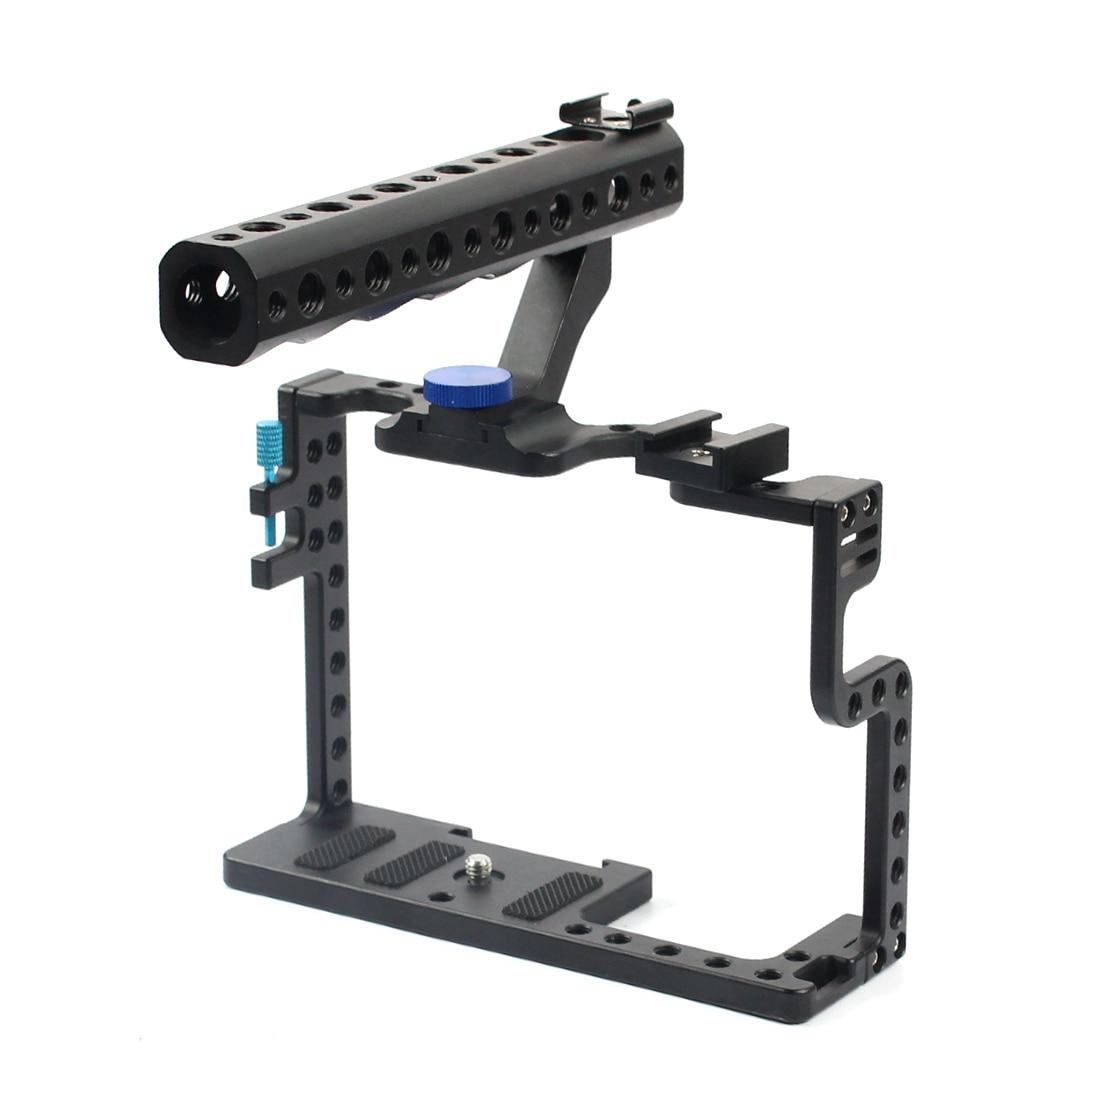 Камера клетка видео стабилизатор с верхней ручкой для Panasonic Lumix GH5 камера фото студия комплект